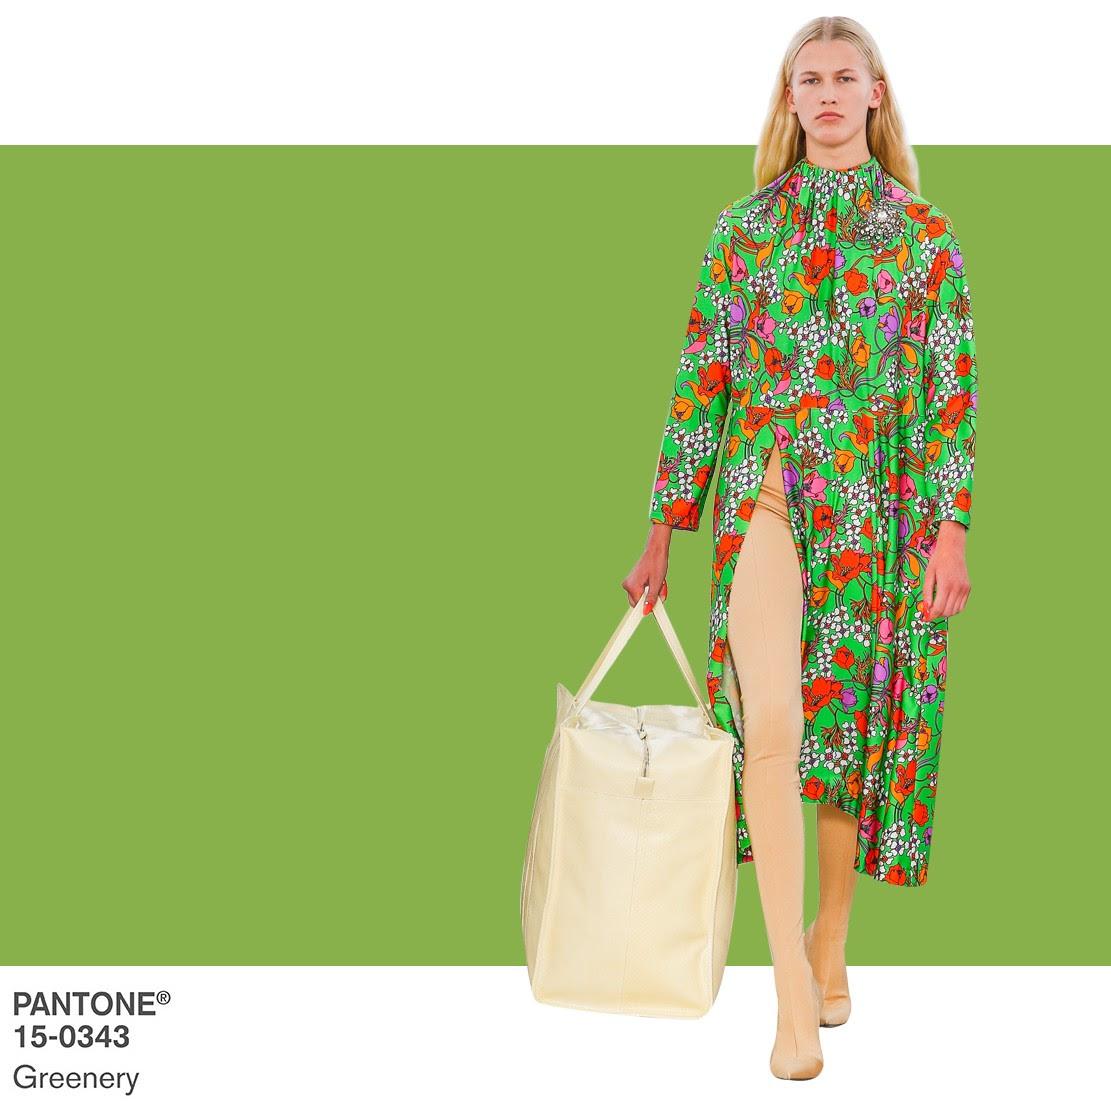 Pantone Greenery (Foto: Reprodução)